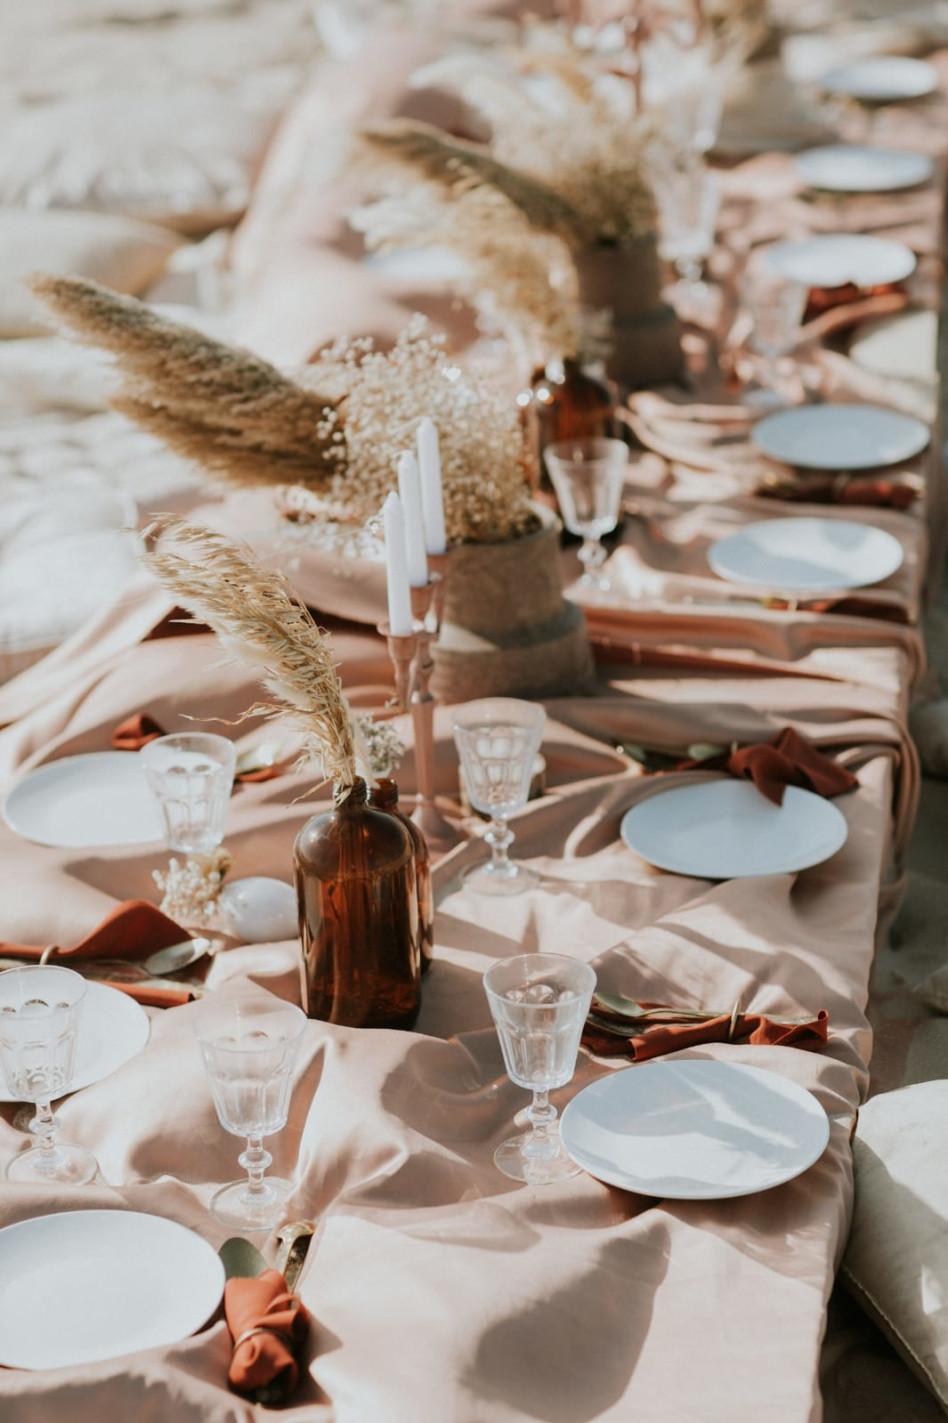 עיצוב השולחן של המשפחה (צילום: עידן חסון)